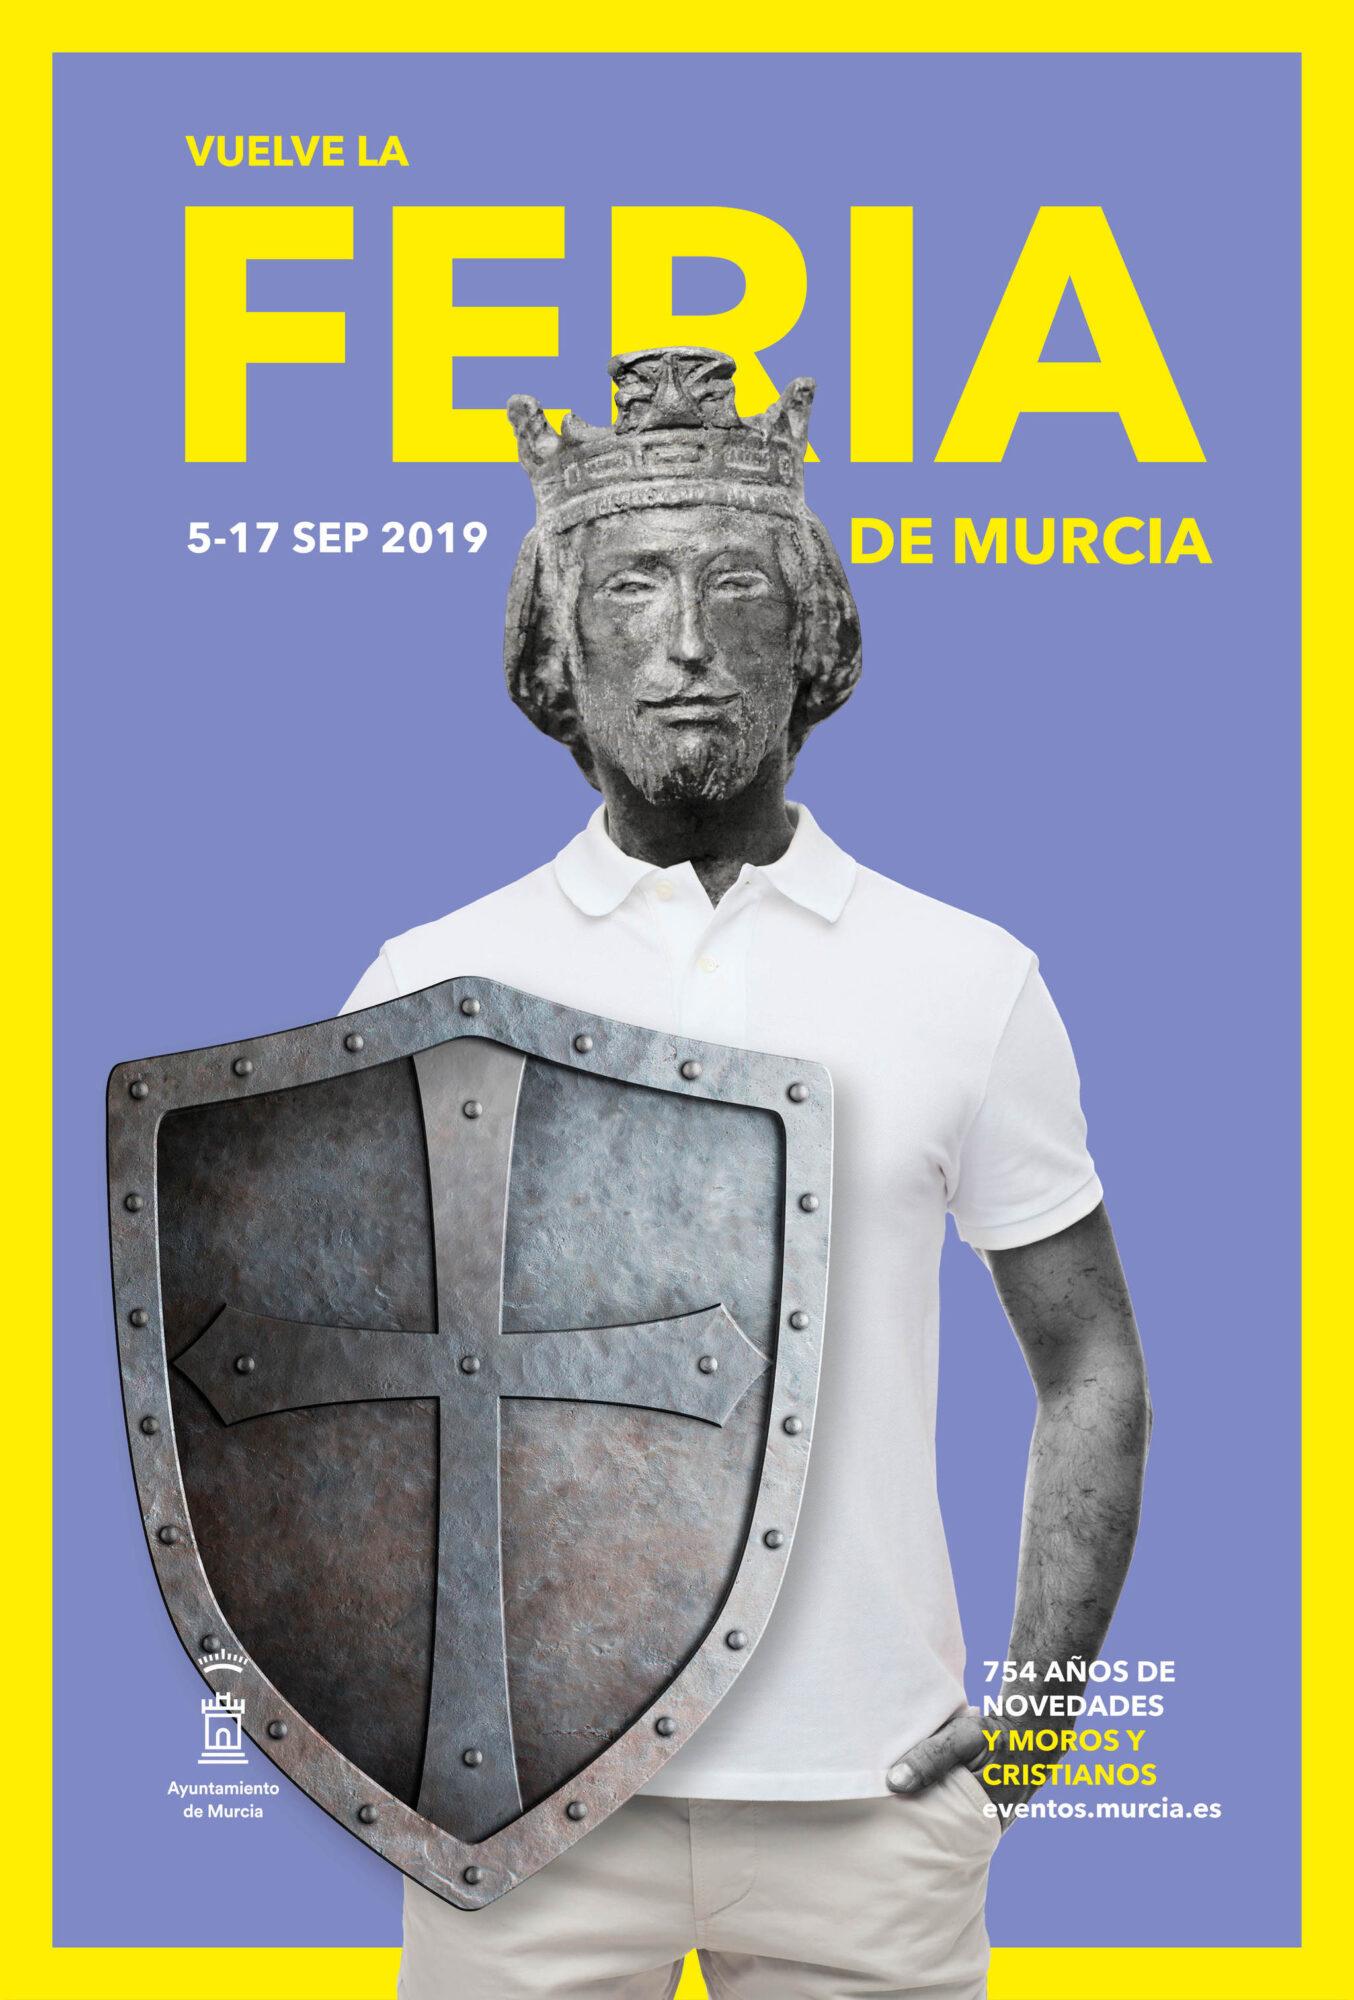 Ayuntamiento de Murcia, Alfonso se va de feria